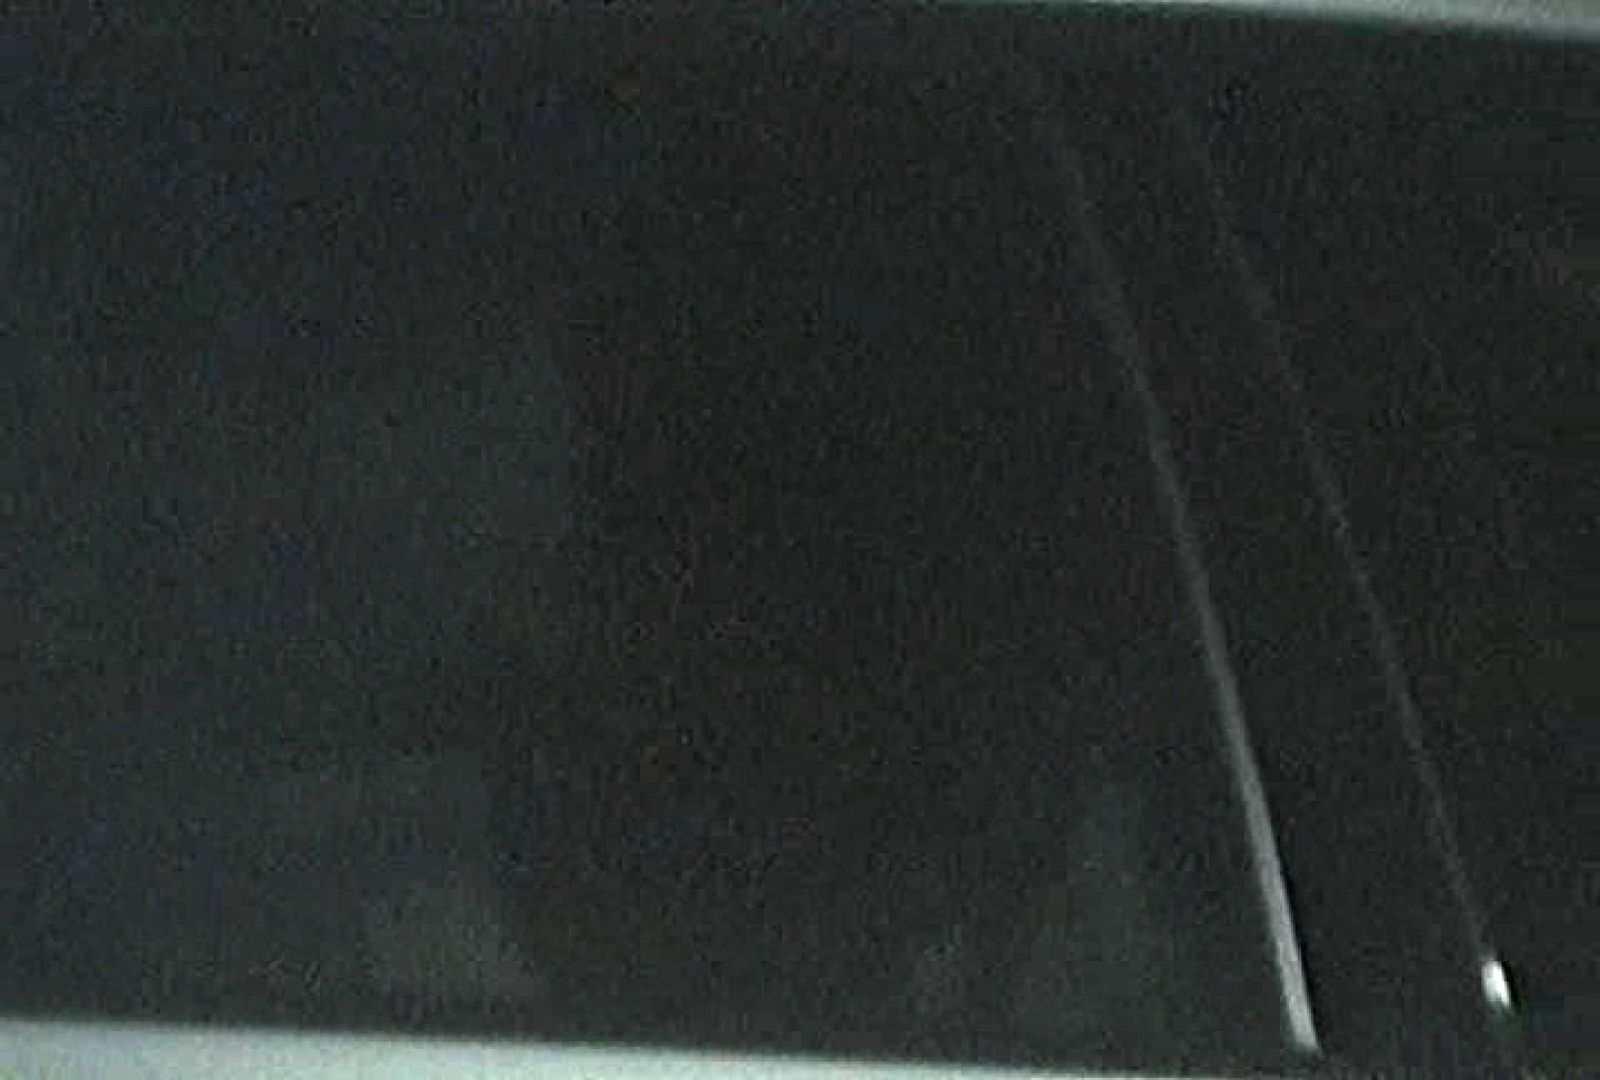 充血監督の深夜の運動会Vol.94 OLの実態 | カップル  71pic 55